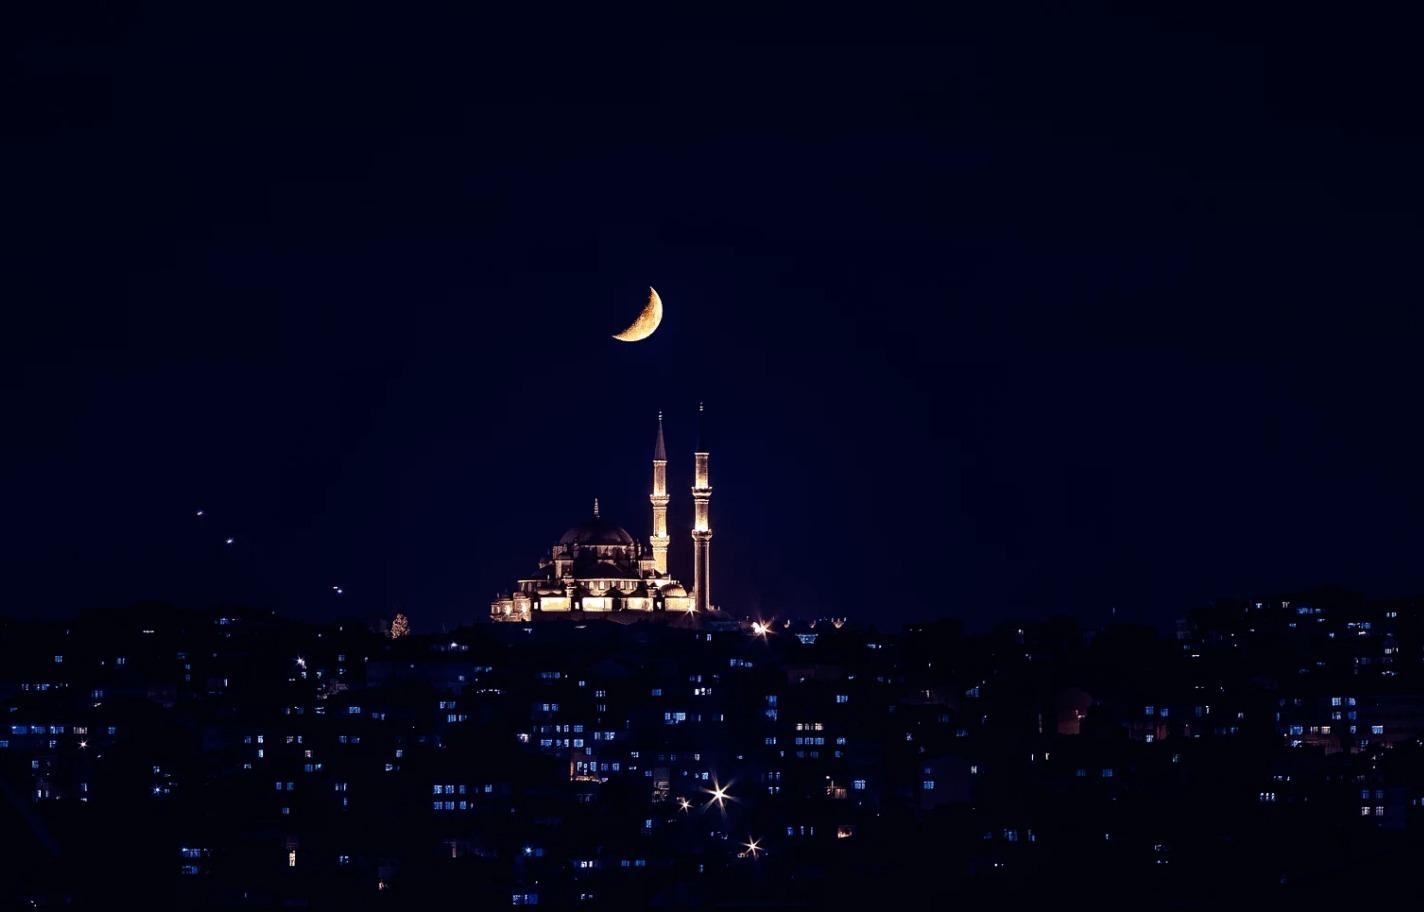 السلطان احمد في اسطنبول